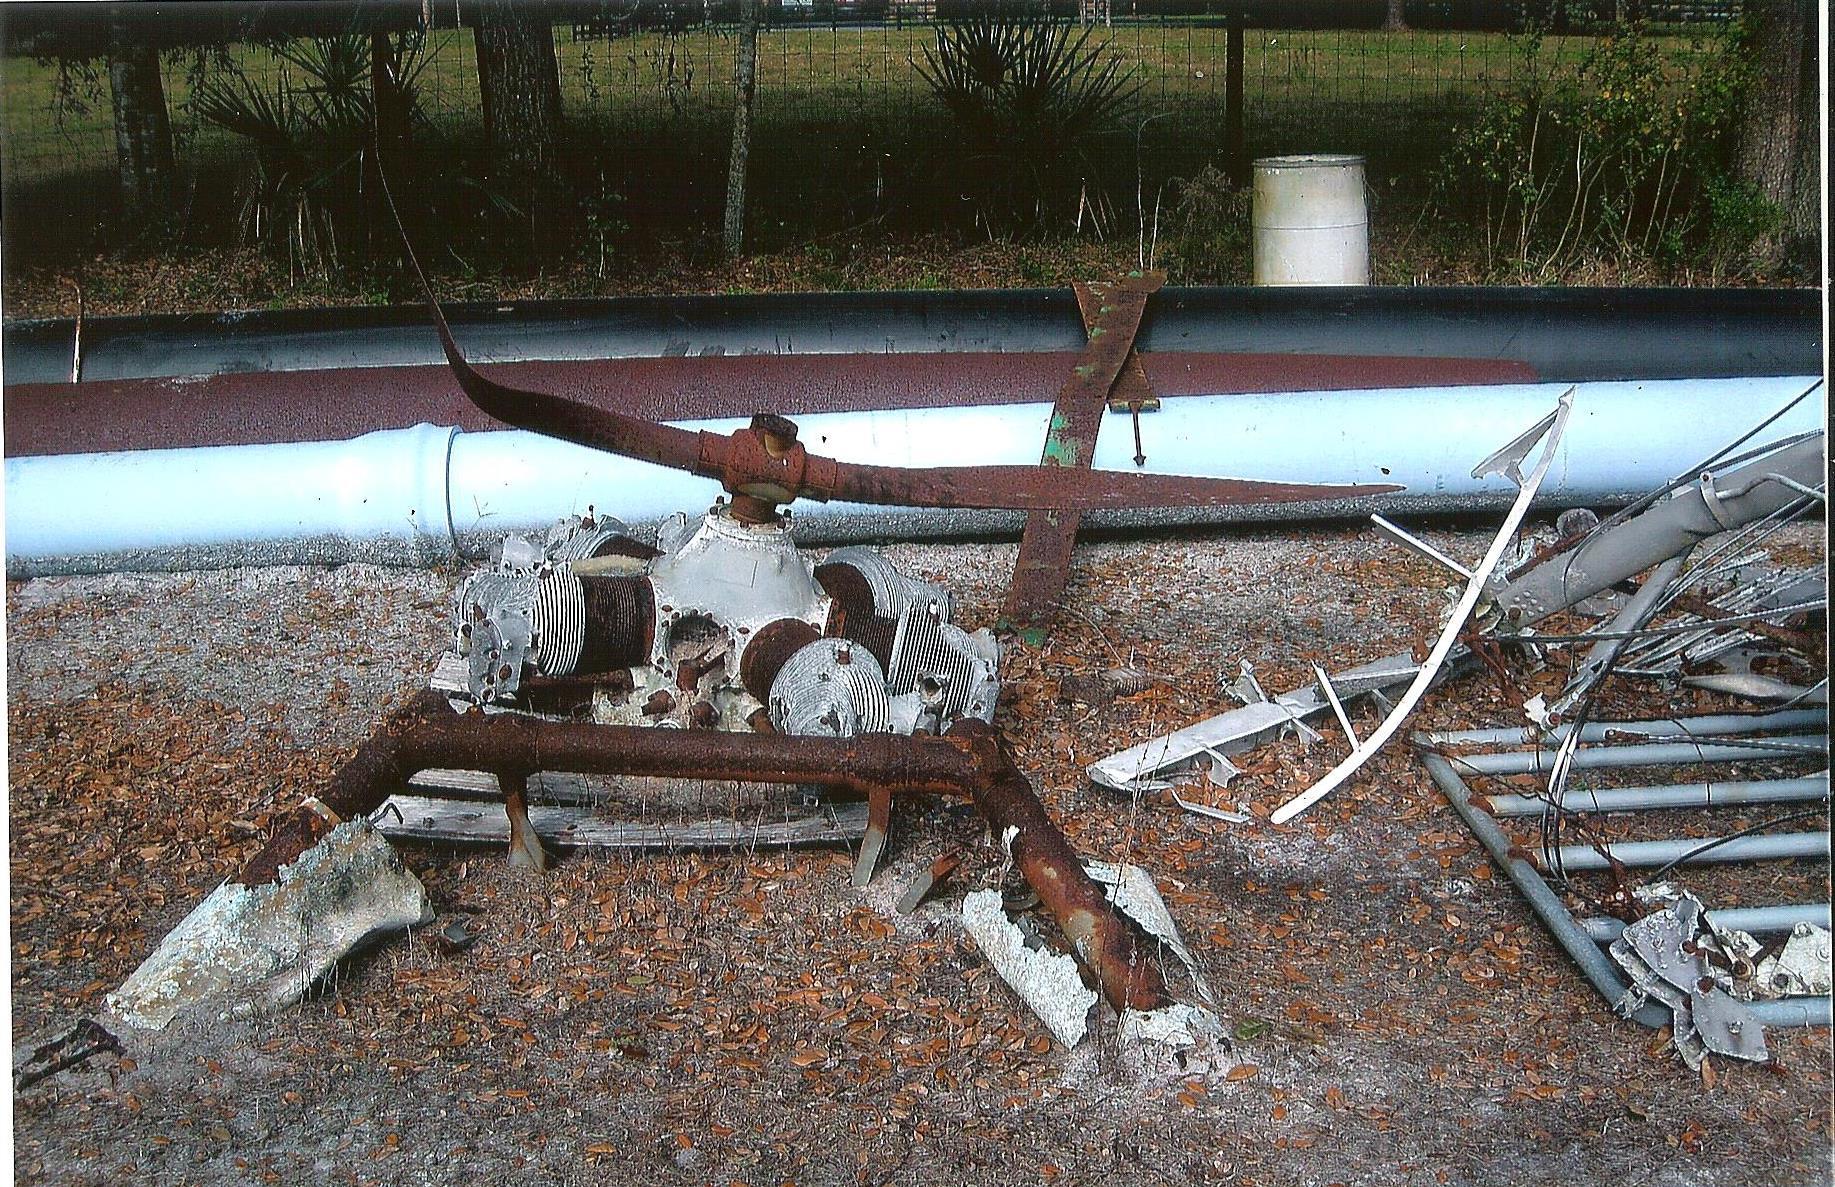 Stearman wreckage prop.jpg